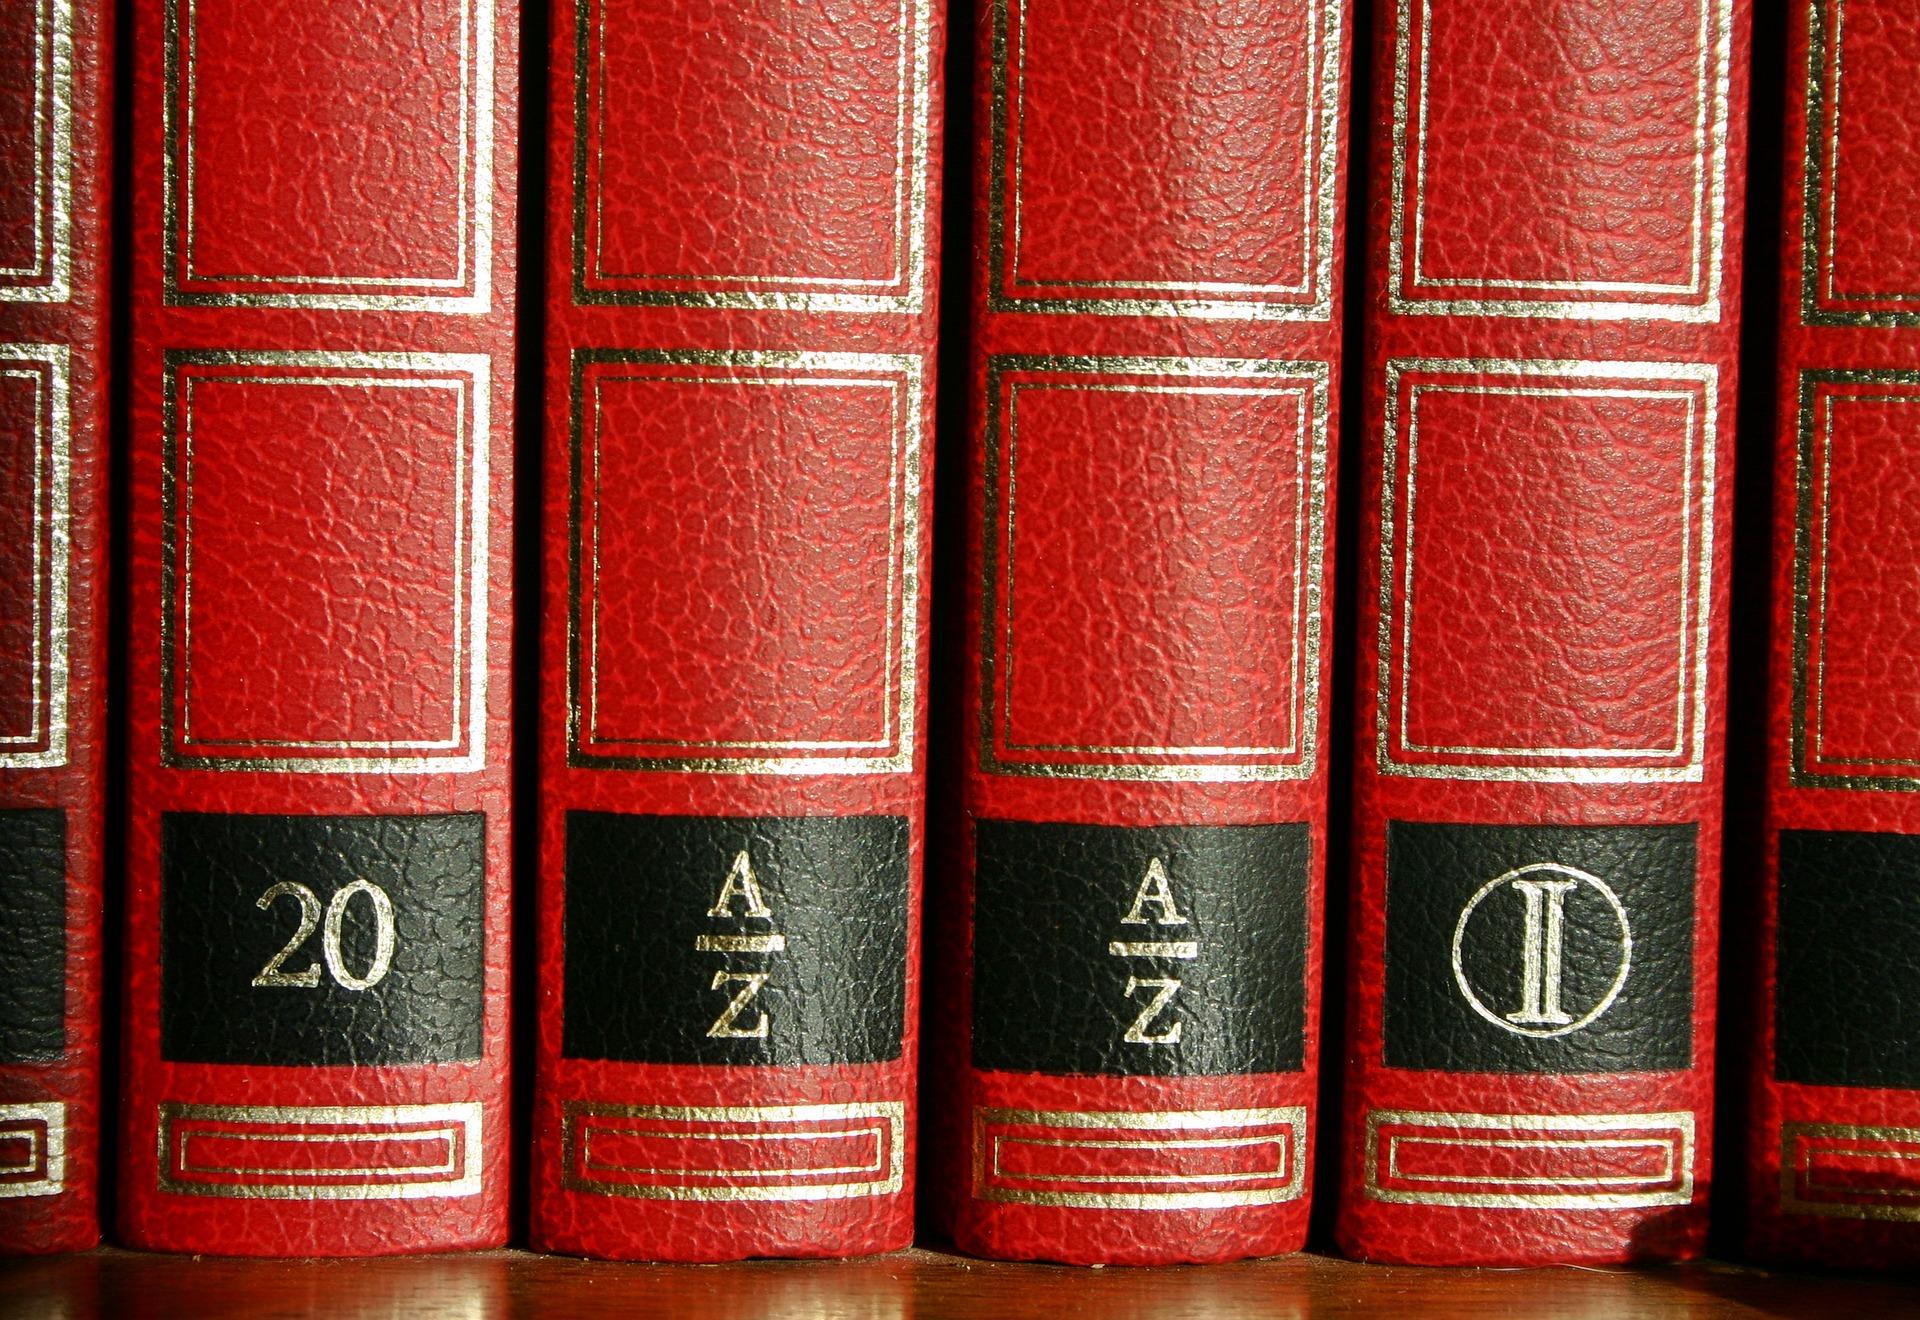 1 Diccionario técnico para actividad comercial o de servicios